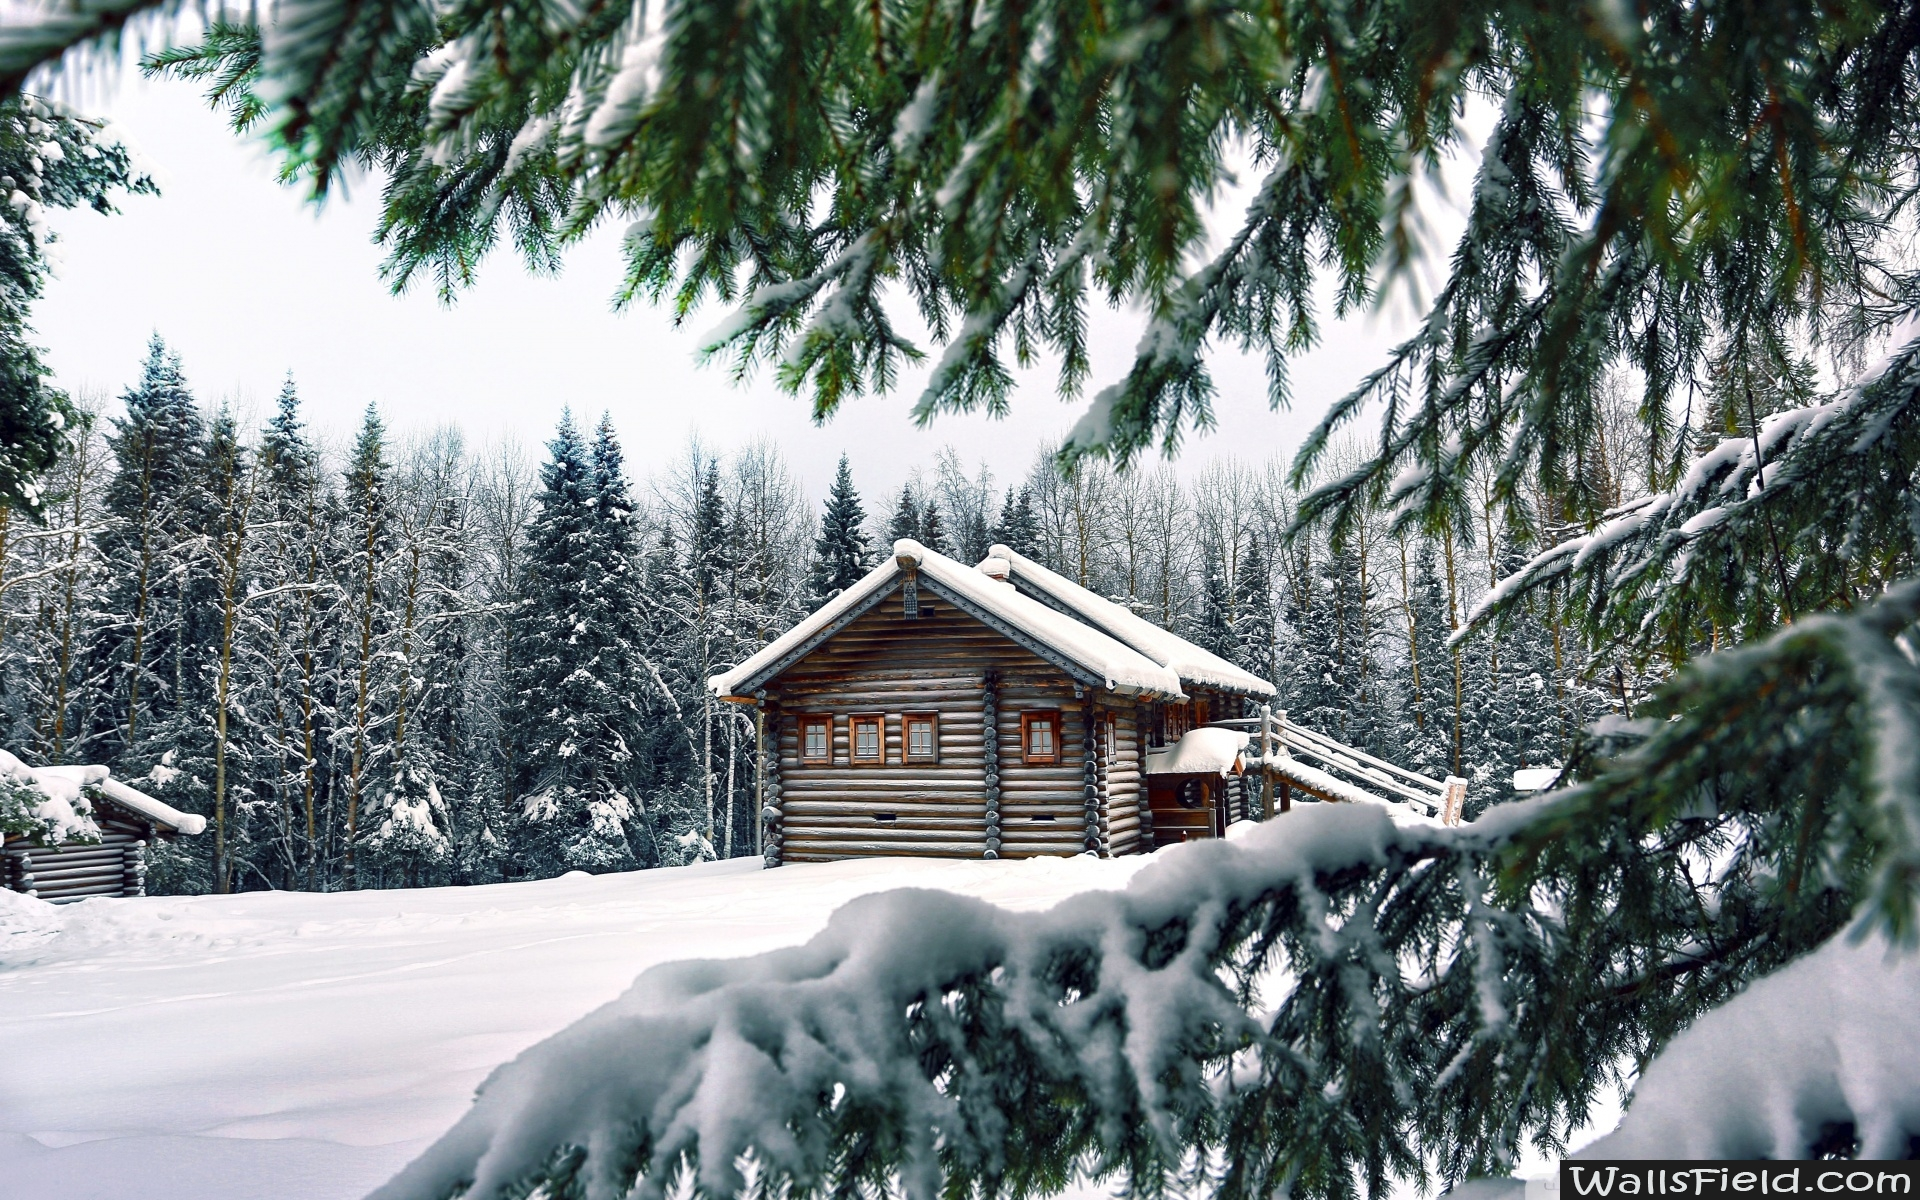 Mountain Retreat Winter   Wallsfieldcom HD Wallpapers 1920x1200